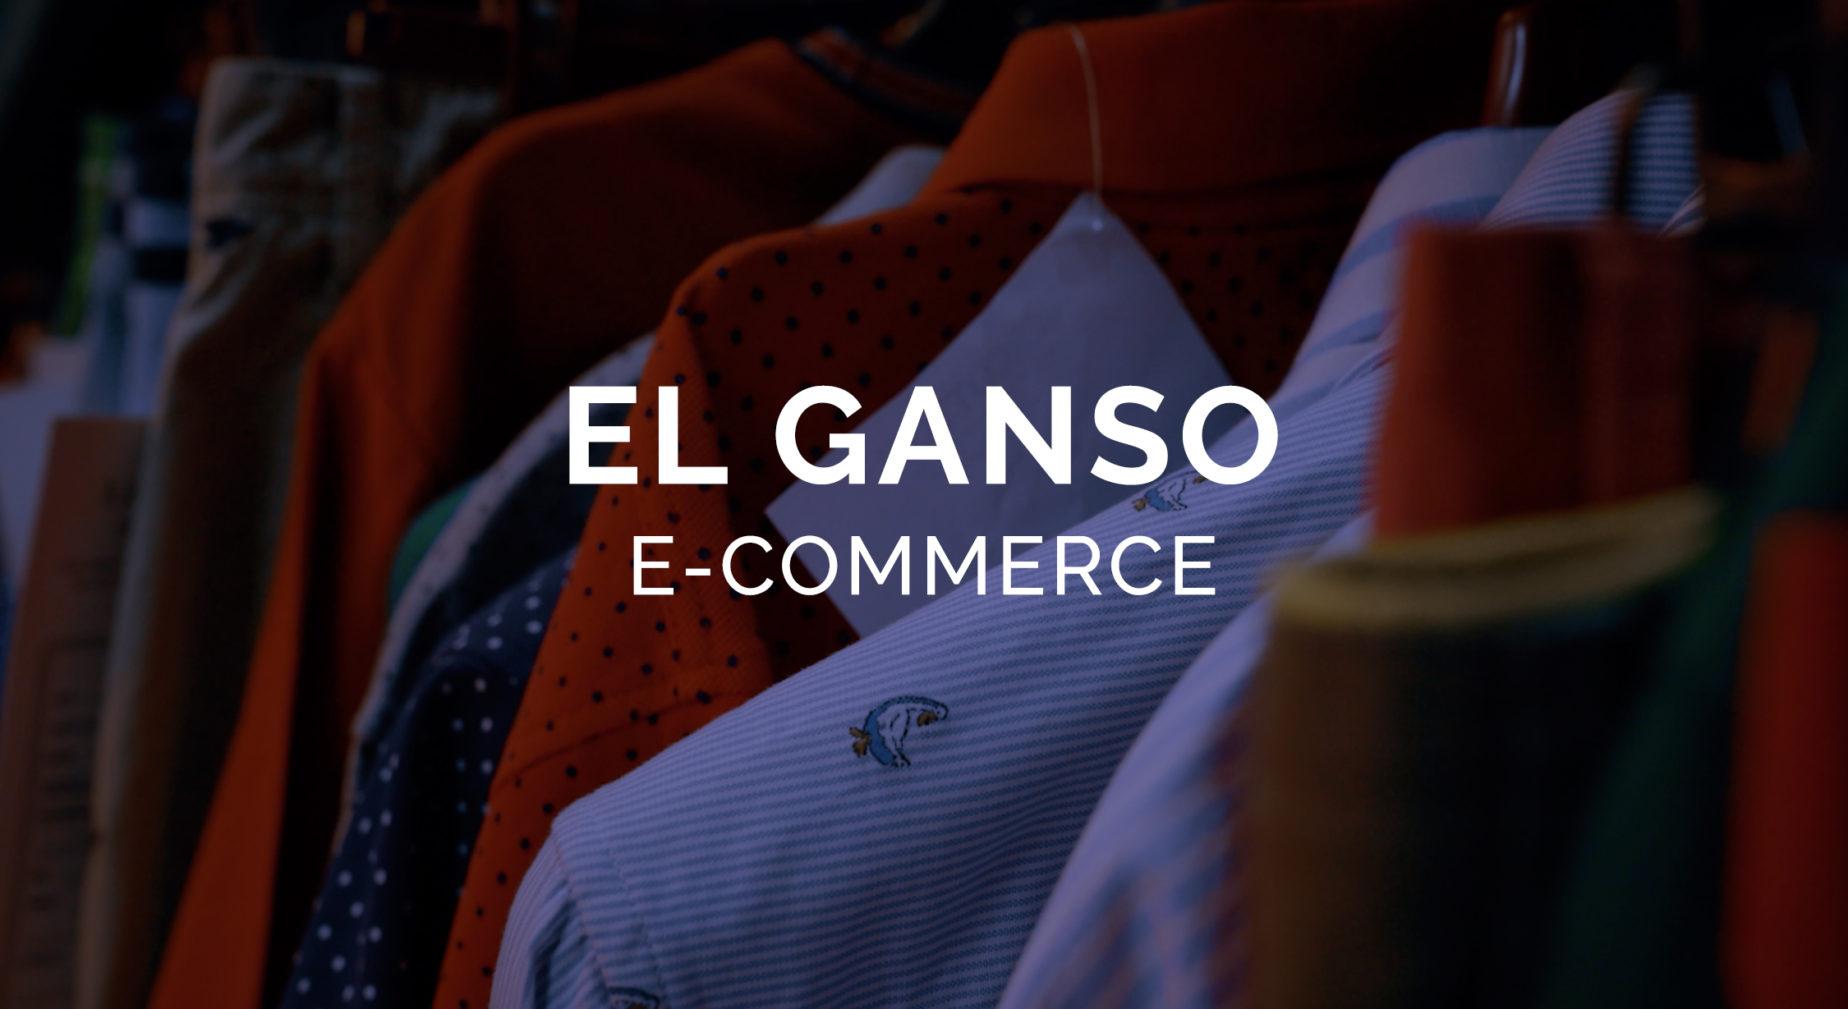 EL GANSO E-commerce varias temporadas